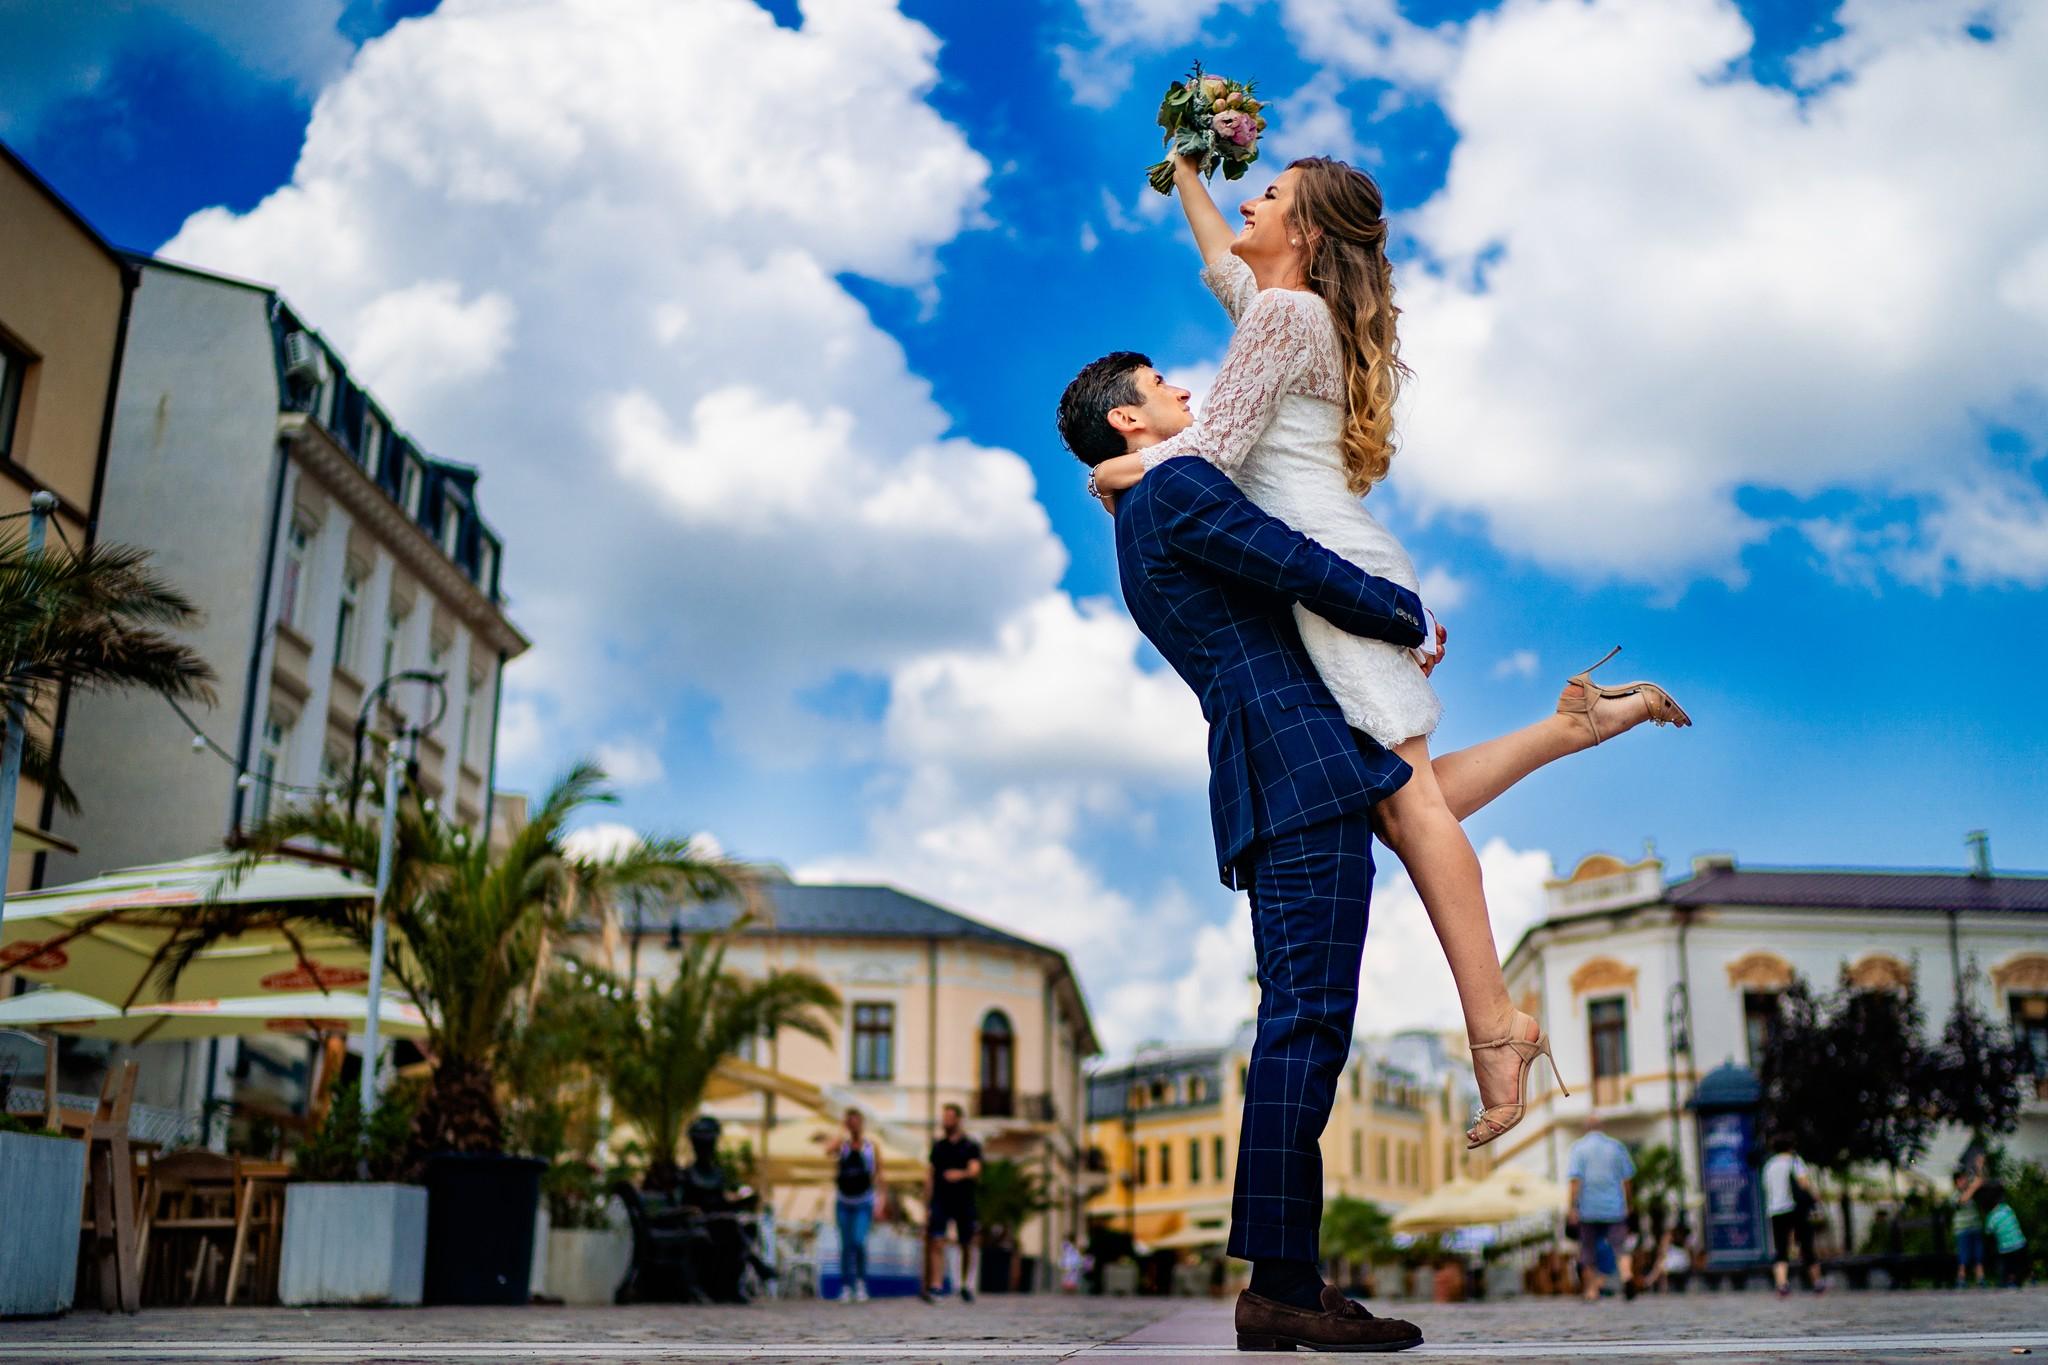 roxana si edi fotograf nunta craiova laurentiu nica  7 - Oferta foto nunta 2021 Craiova